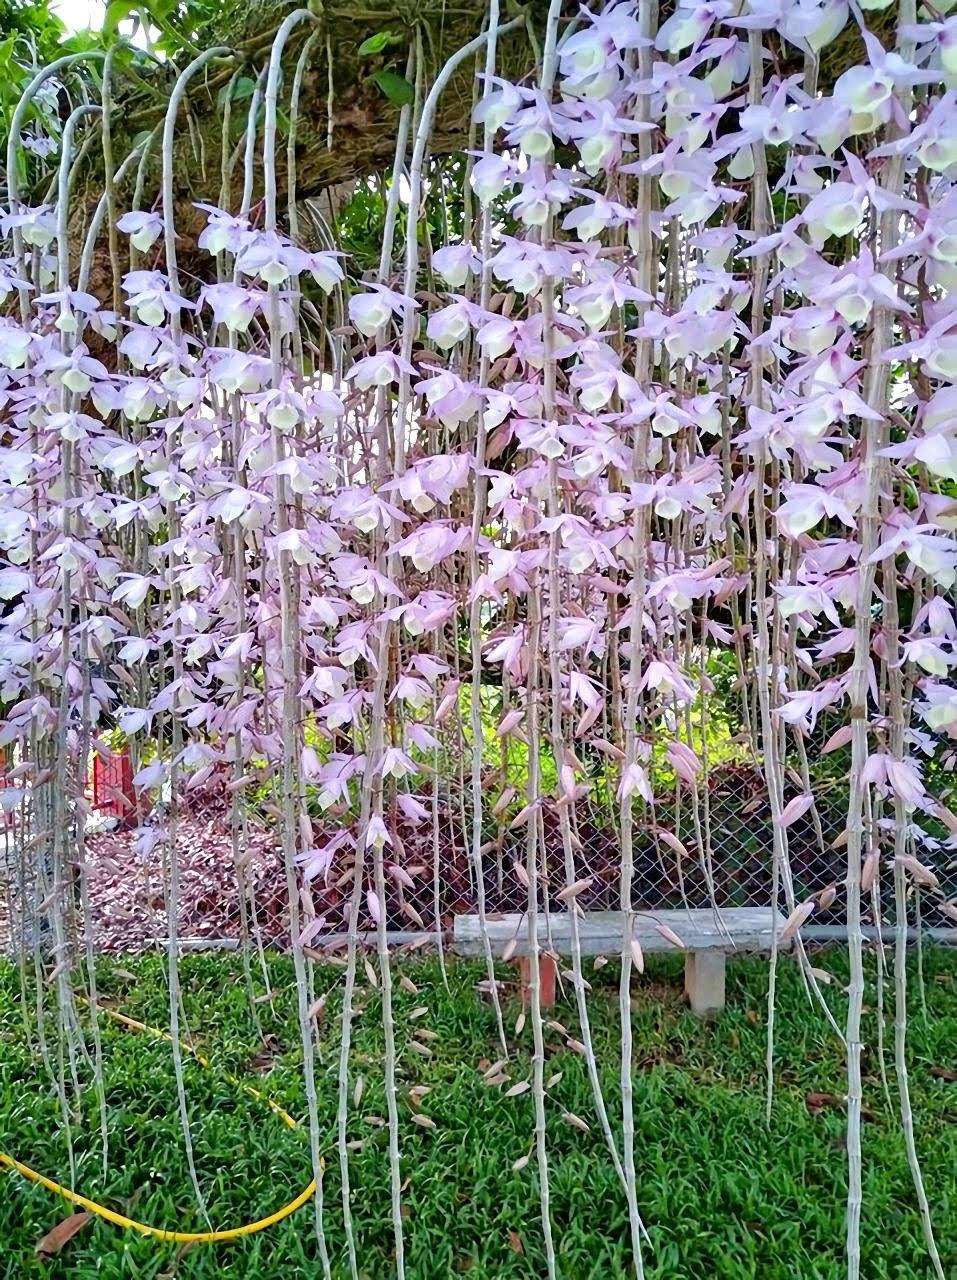 開花囉!粉紅花瀑布垂吊老龍眼樹|白河洪厝溪洲部落石斛蘭|花期只有兩週喔